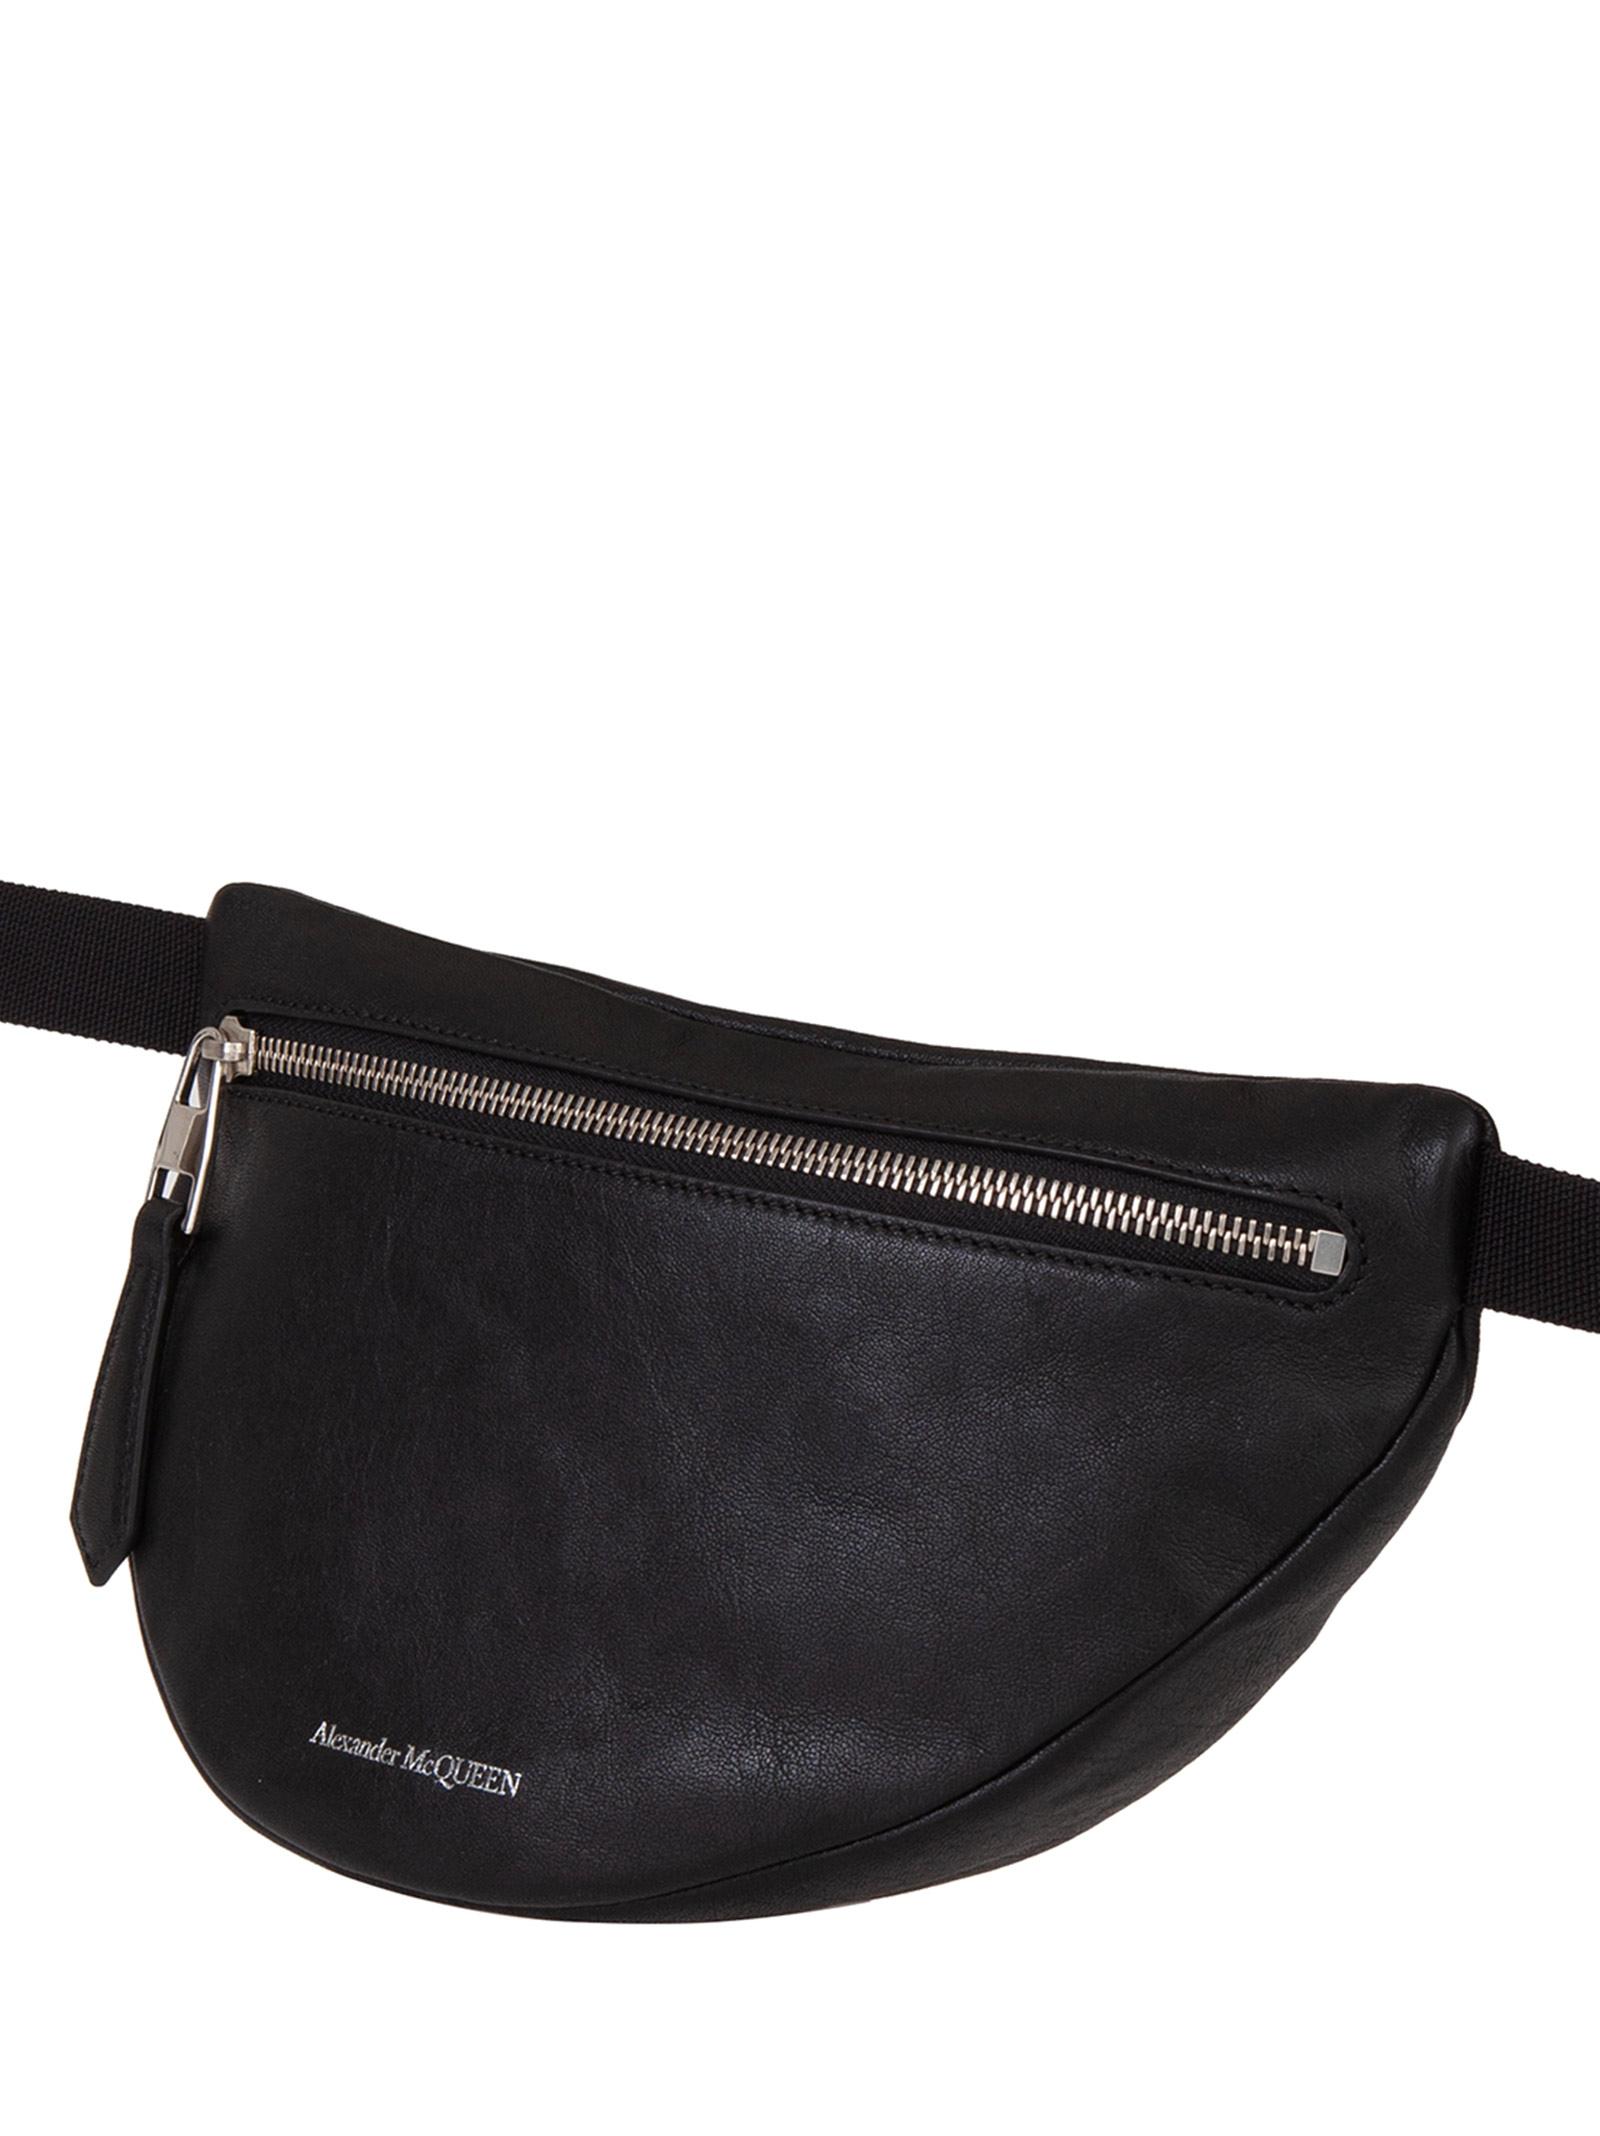 358e076d Alexander McQueen belt bag - Alexander McQueen - Michele Franzese Moda